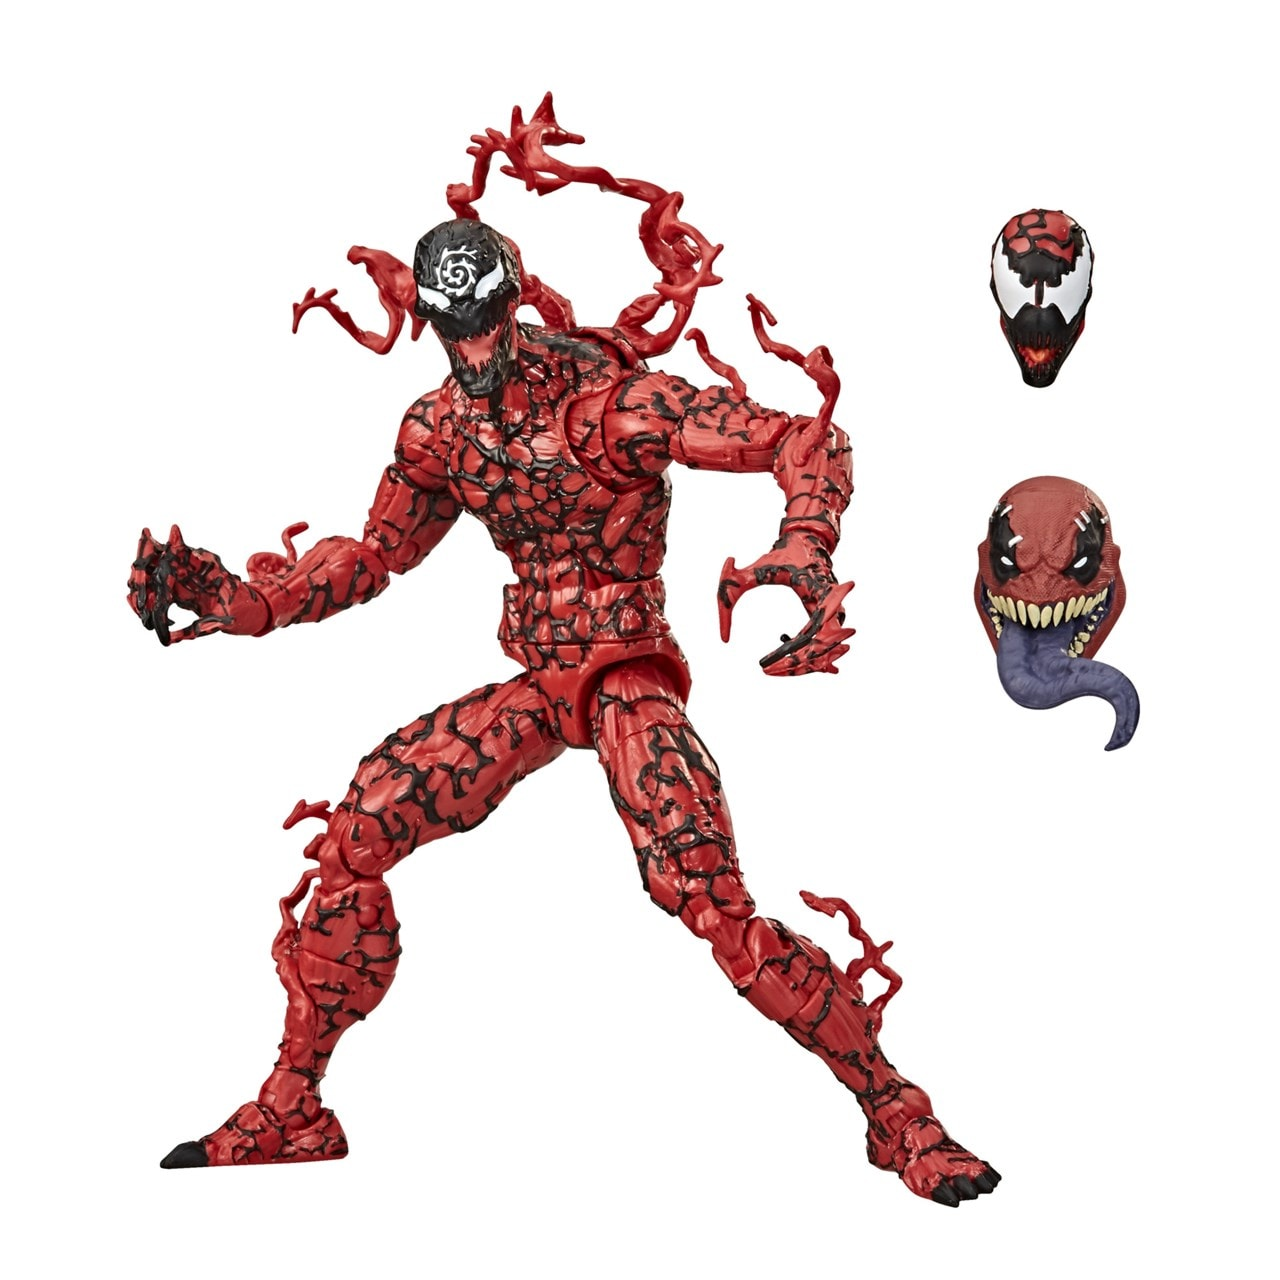 Marvel Legends: Carnage (Venom) Action Figure - 1